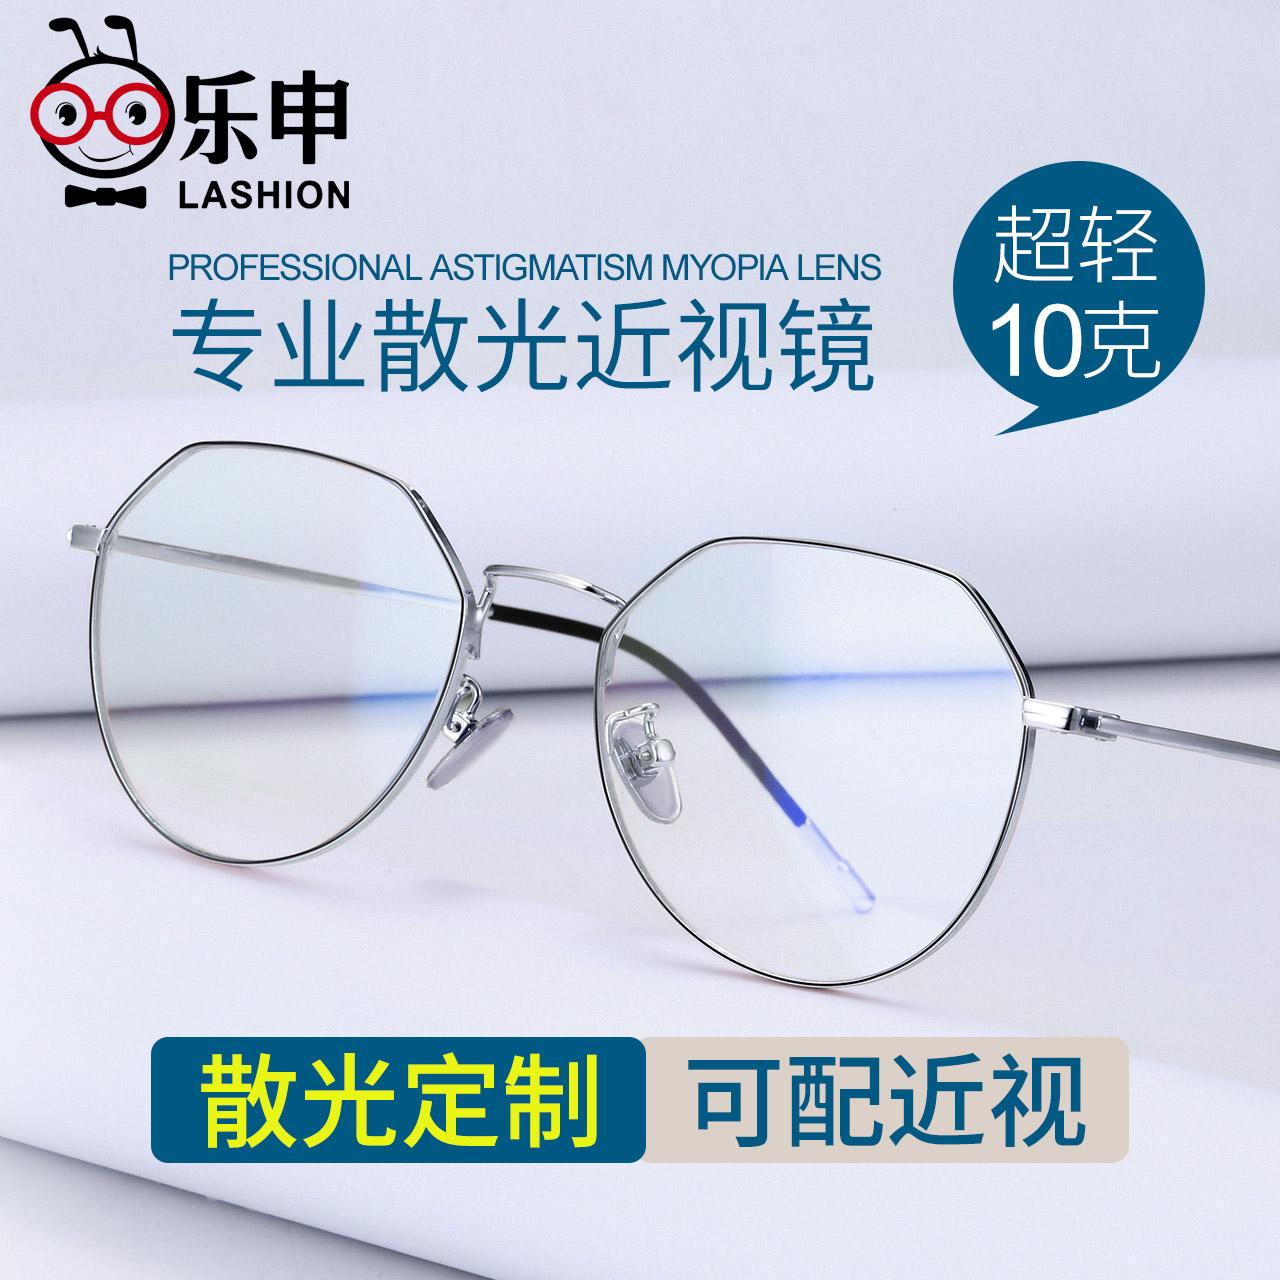 专业近视散光男潮定制女网上配眼镜评价好不好